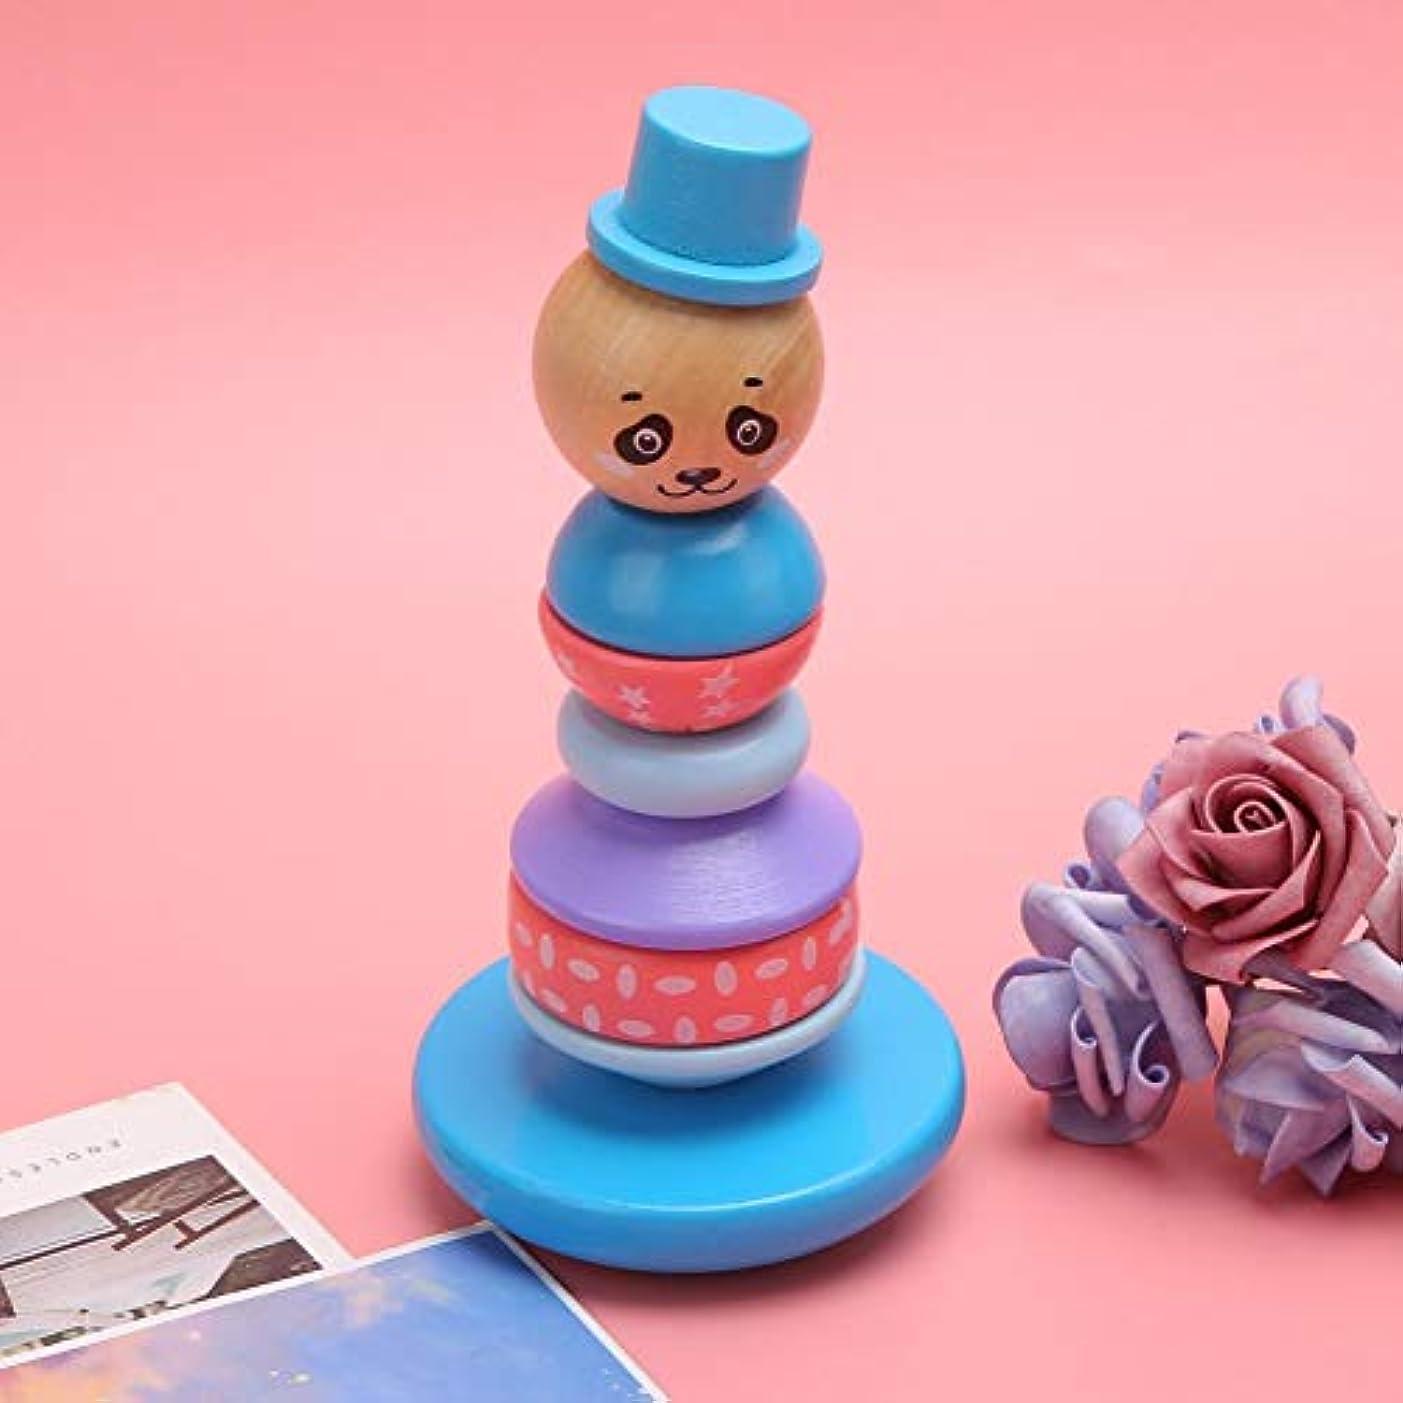 ファッション令状パトロン耐久性のあるスタッキングおもちゃ、タワーおもちゃ安全で健康的な木製スタッキングタワー、キッズベイビー用(Panda)